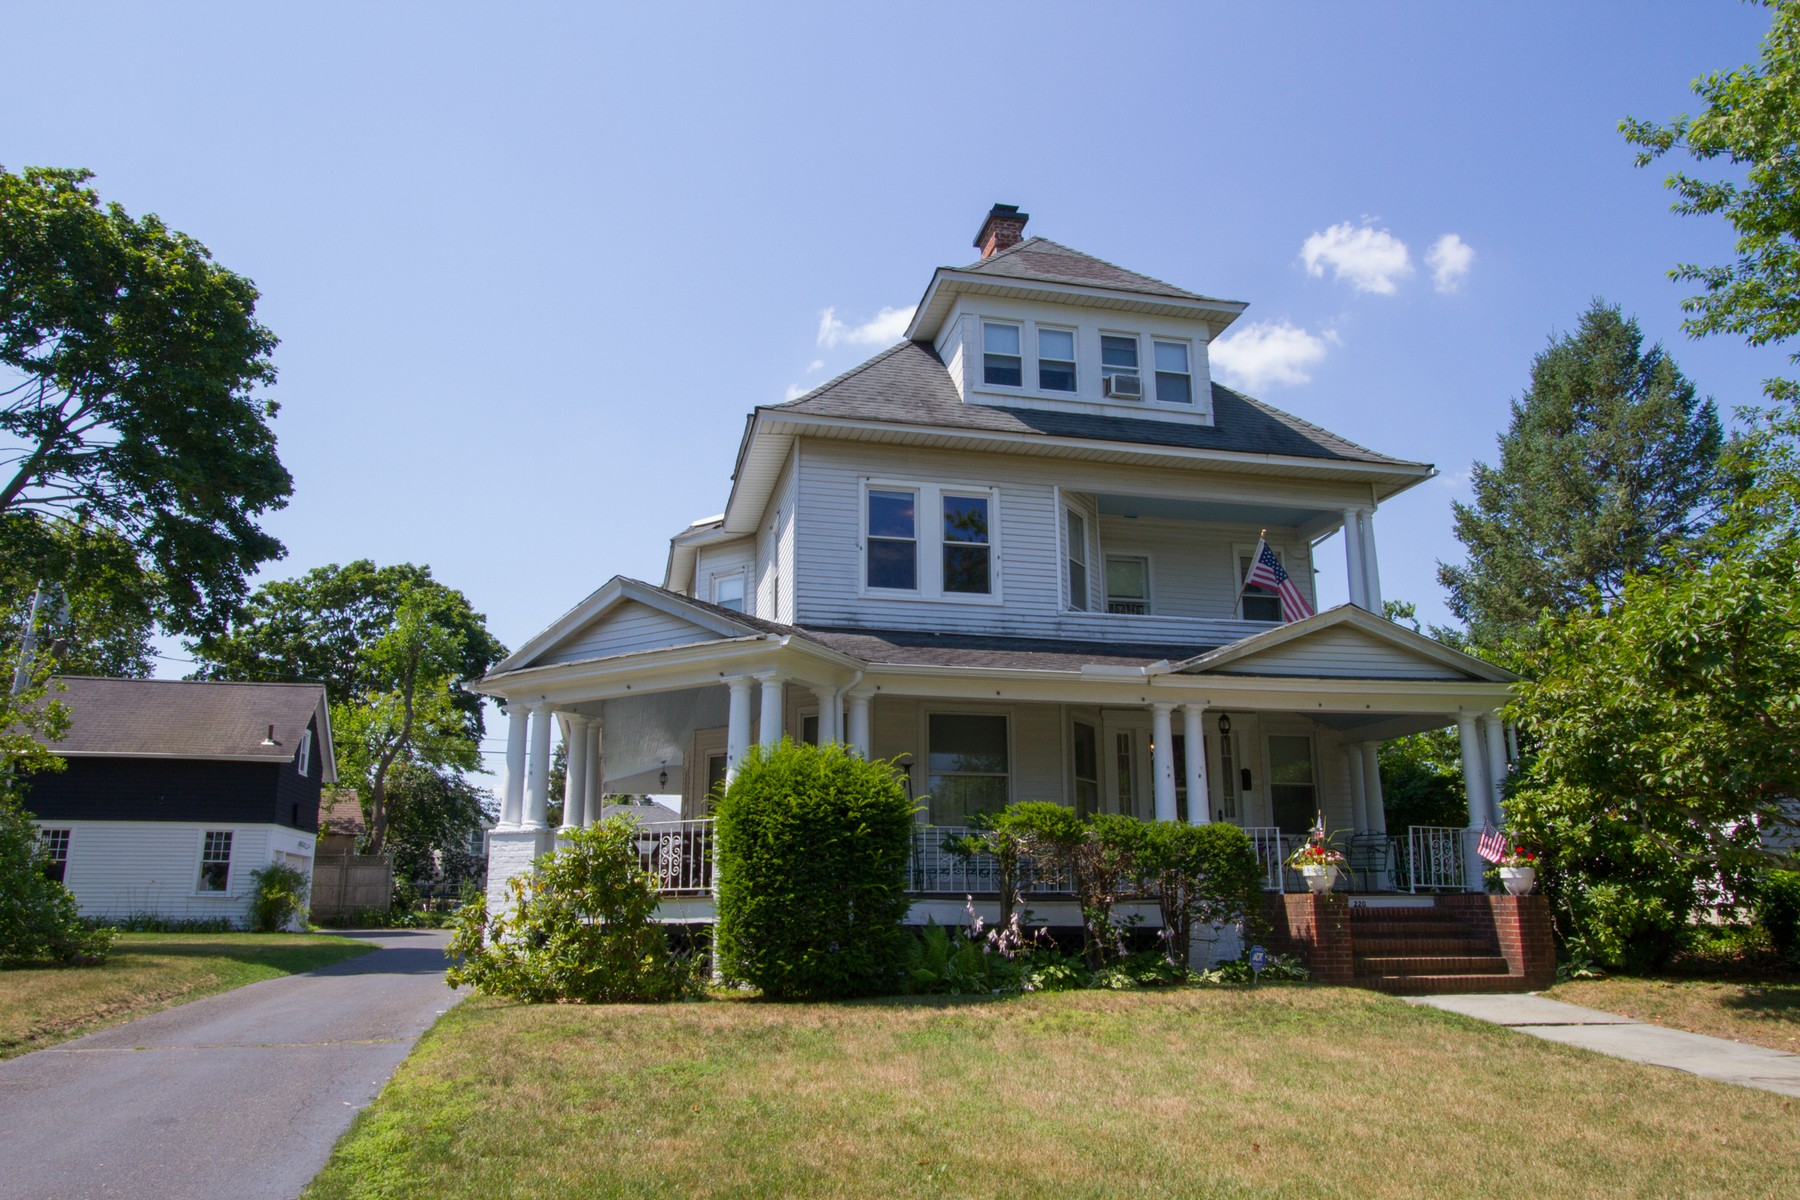 独户住宅 为 销售 在 Quintessential Beach House 220 Elberon Ave Allenhurst, 新泽西州 07711 美国